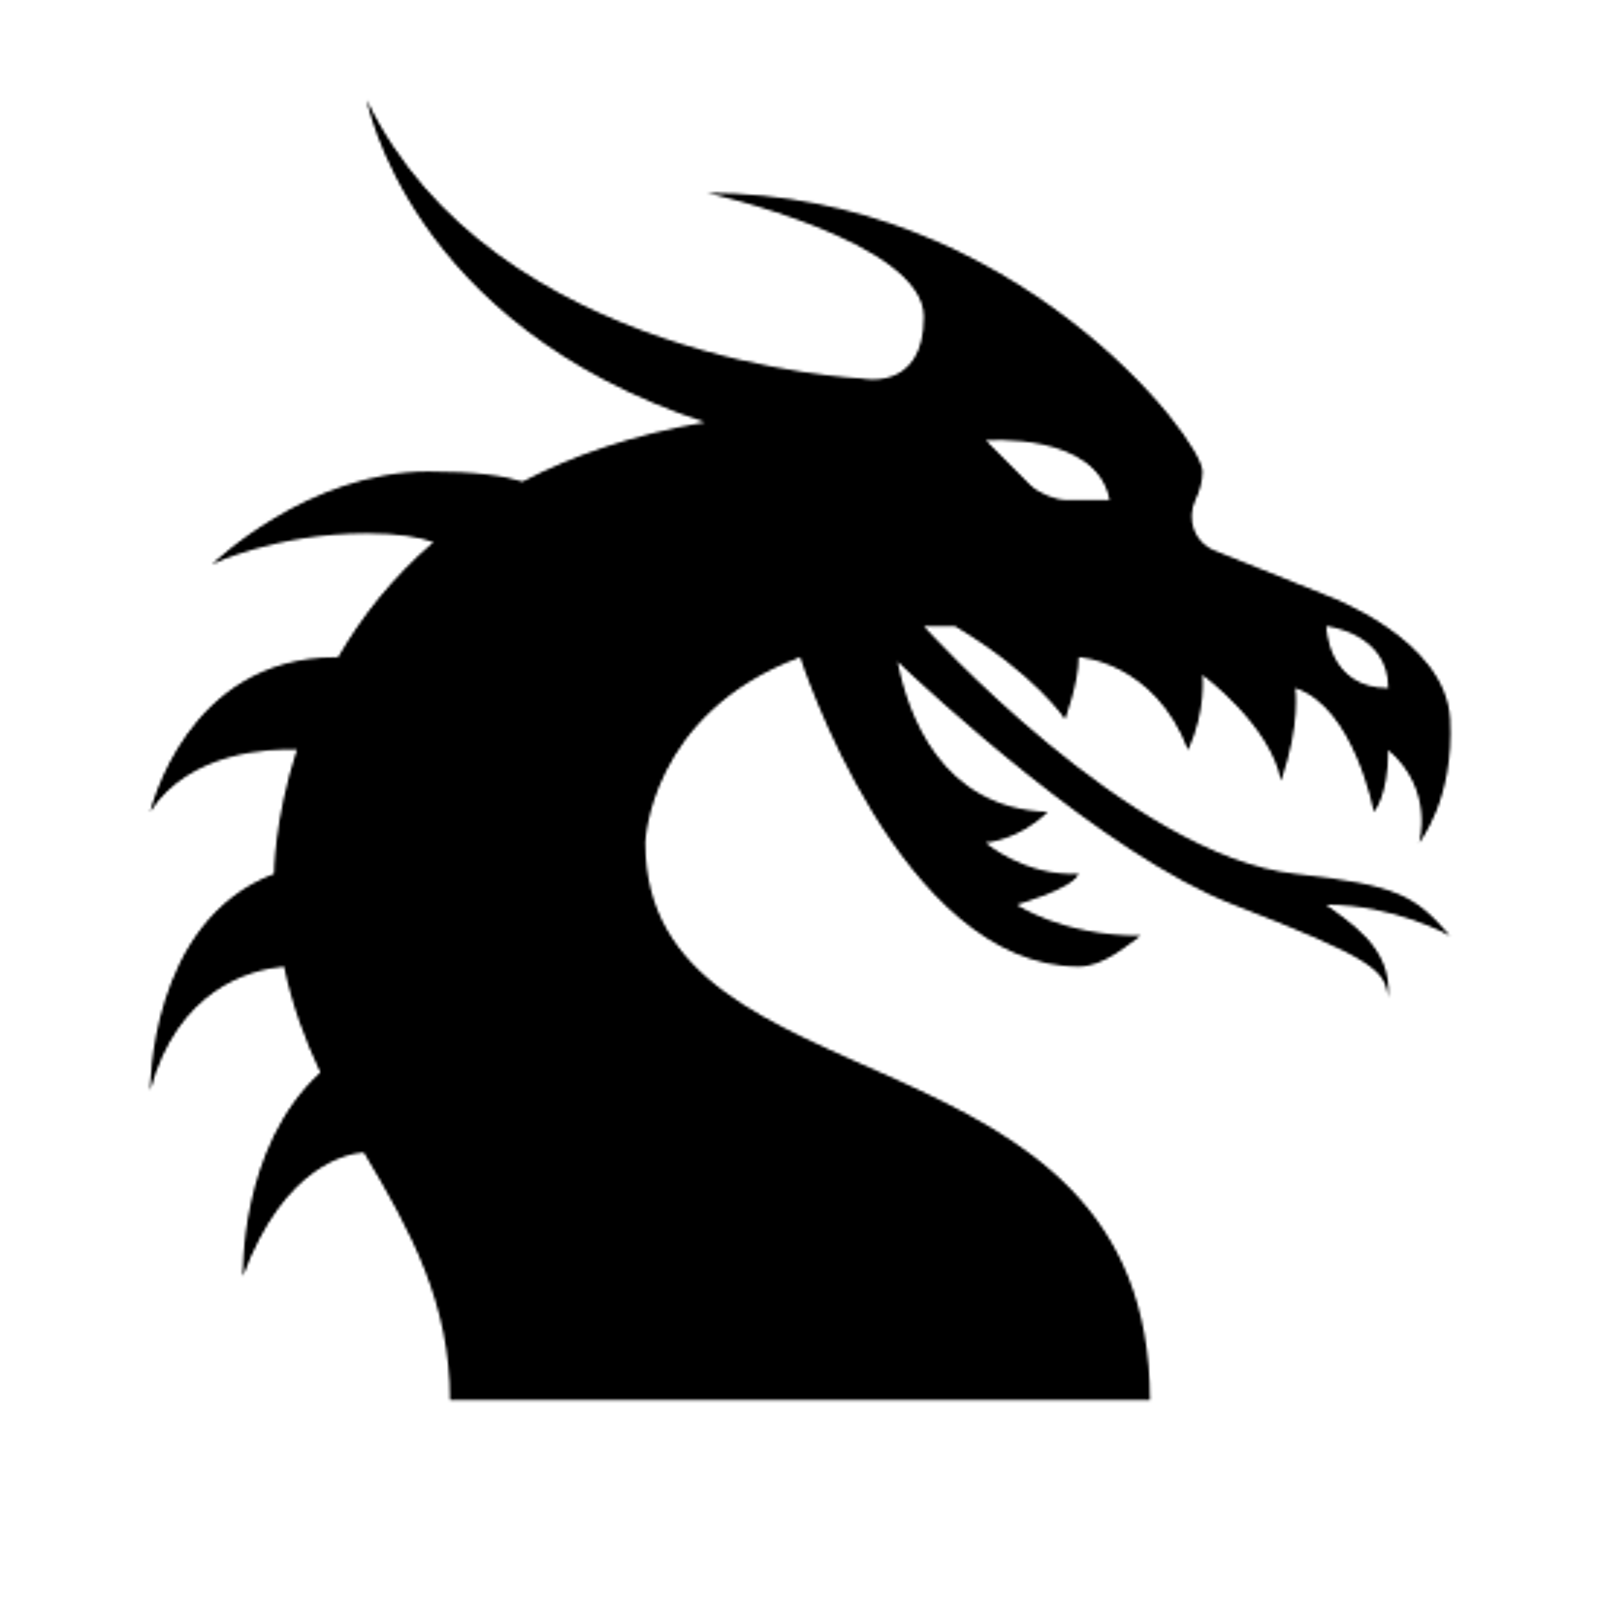 Drużyna smoka icon